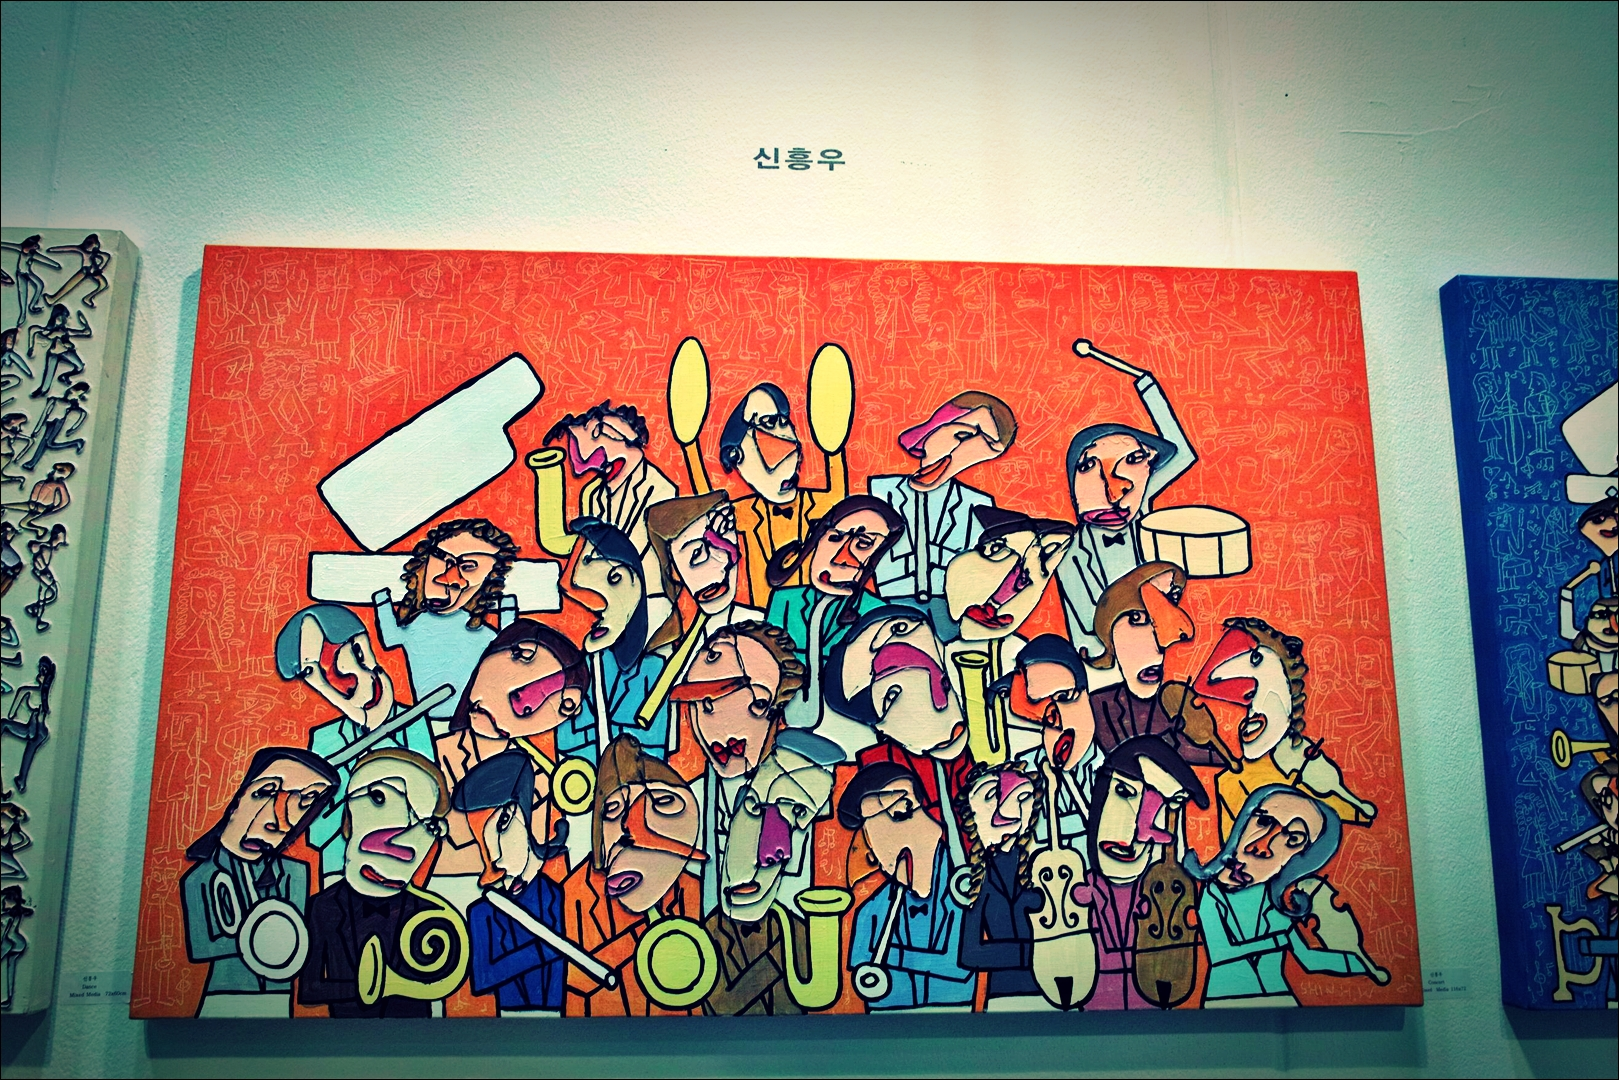 군상-'서울오픈아트페어 2014 Seoul Open Art Fair '